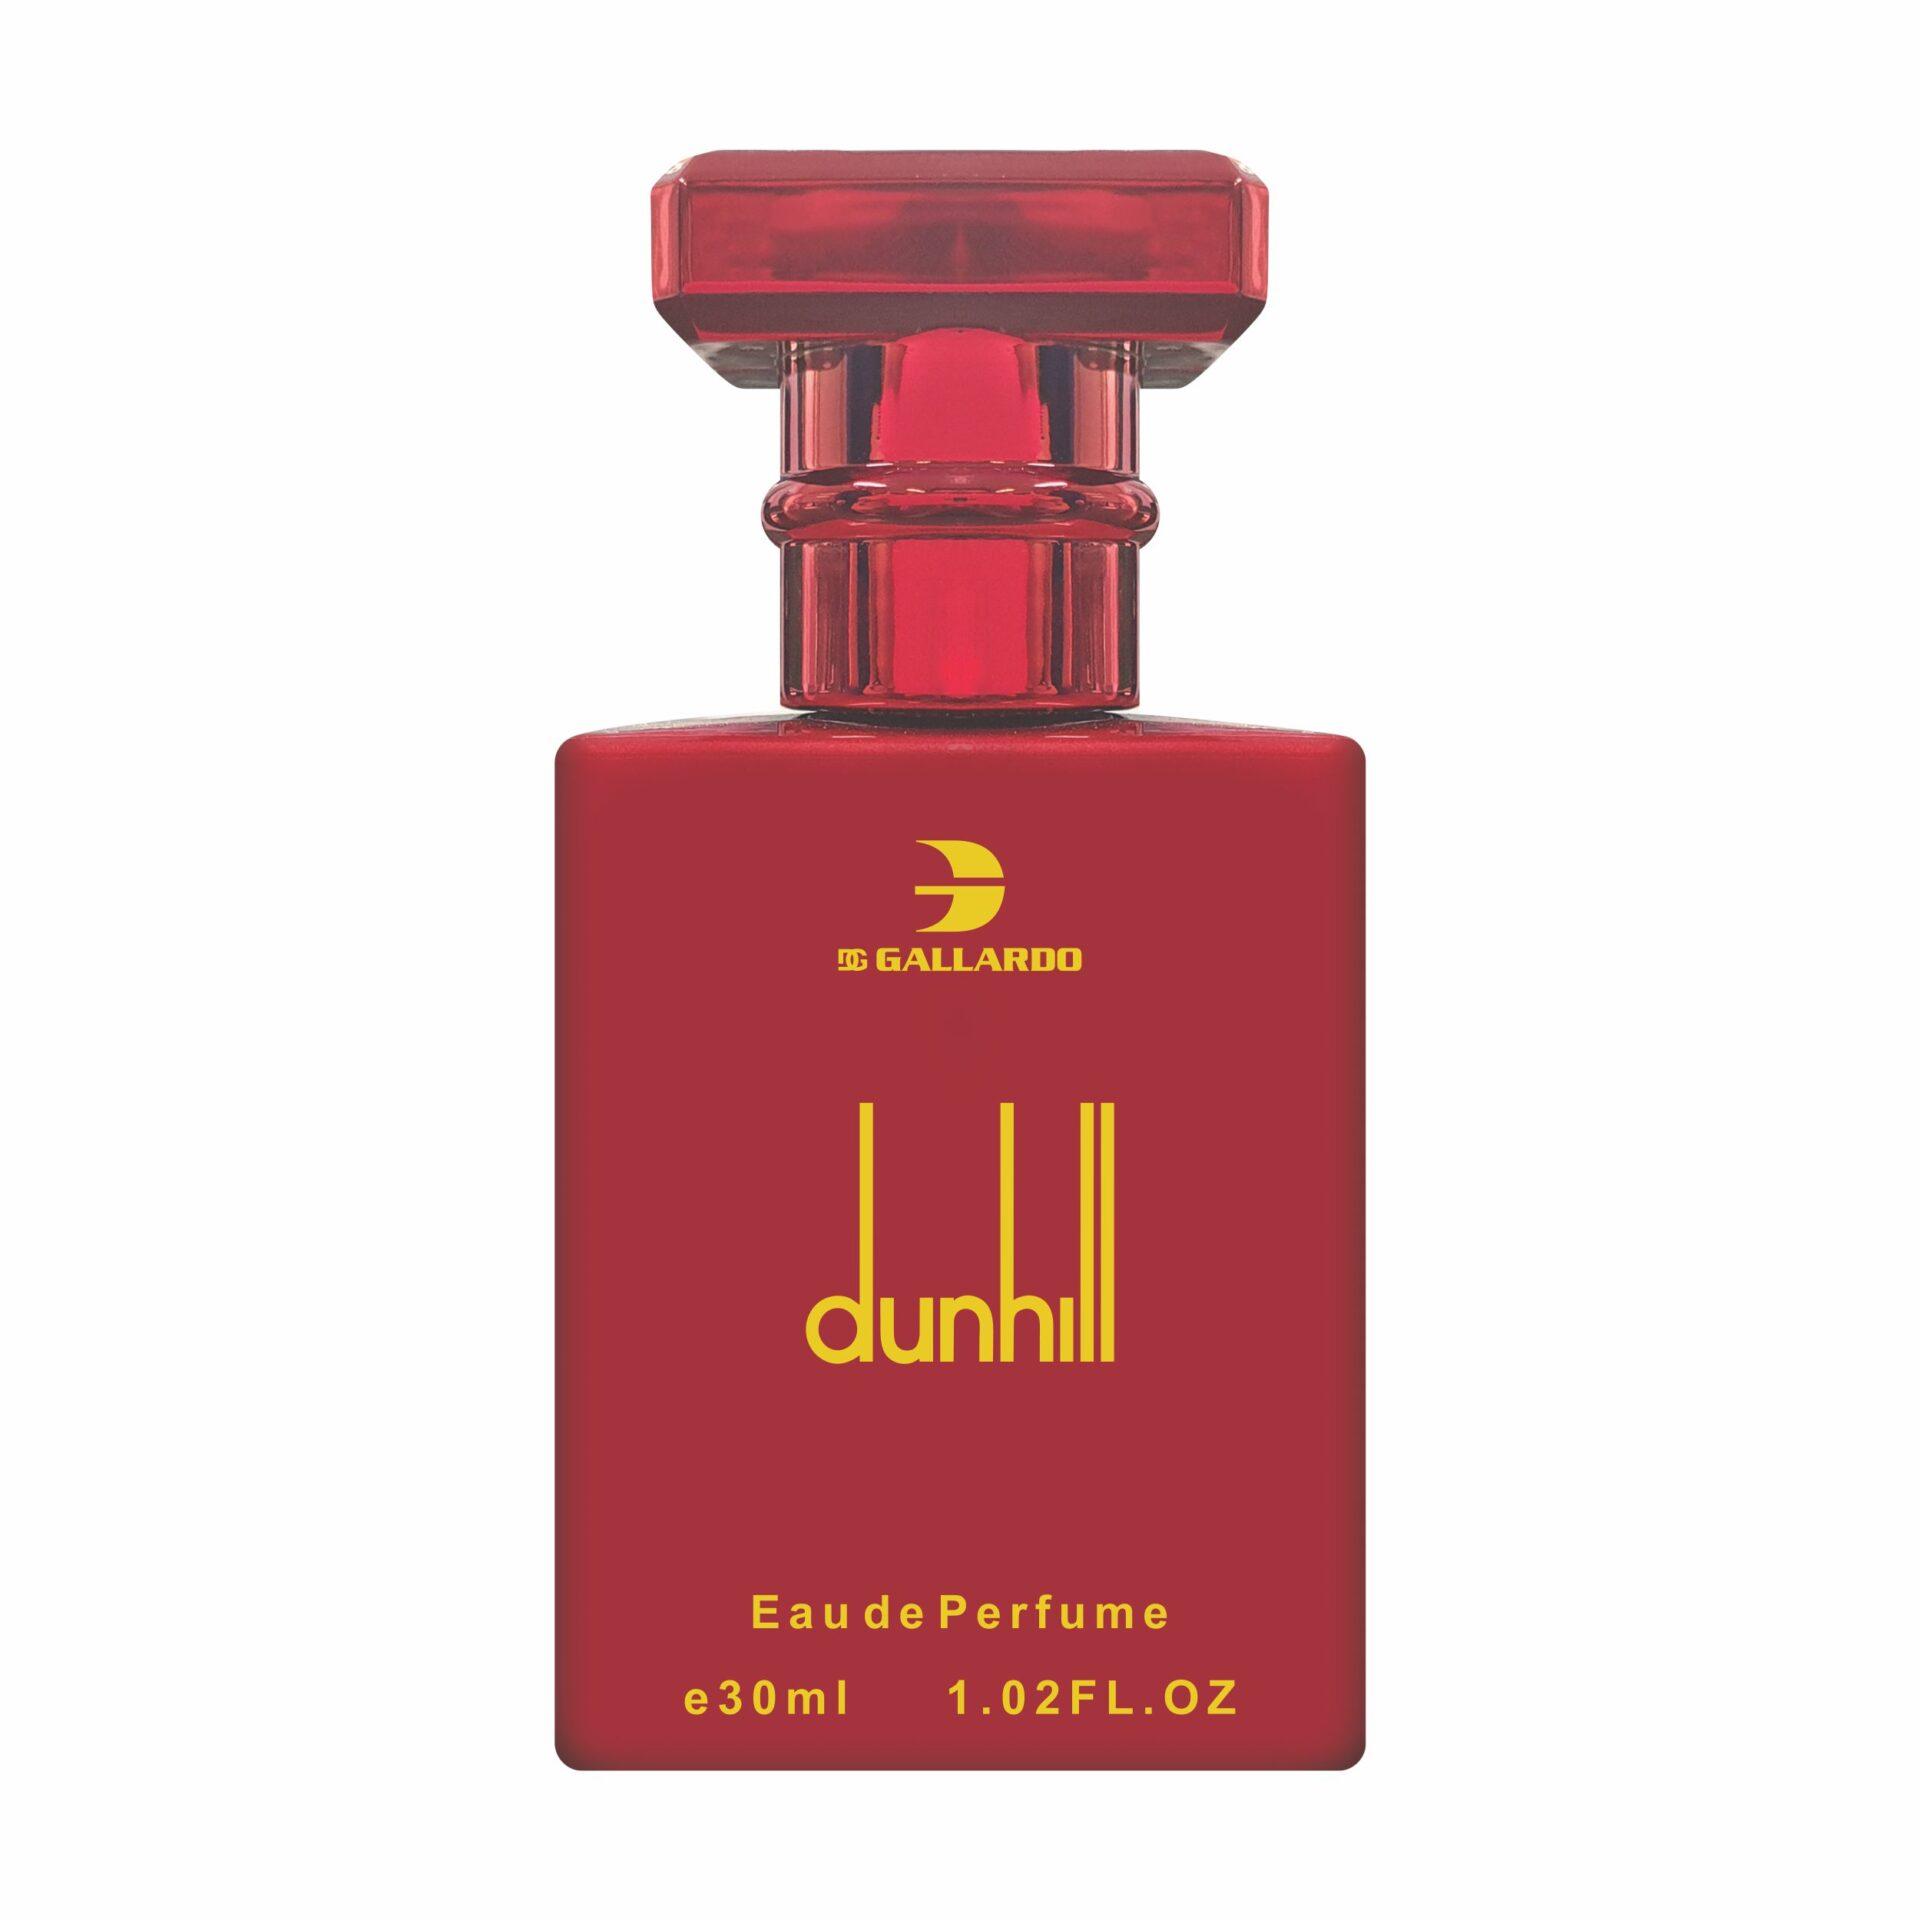 ادو پرفیوم مردانه گالاردو مدل dunhill حجم 30 میلی لیتر